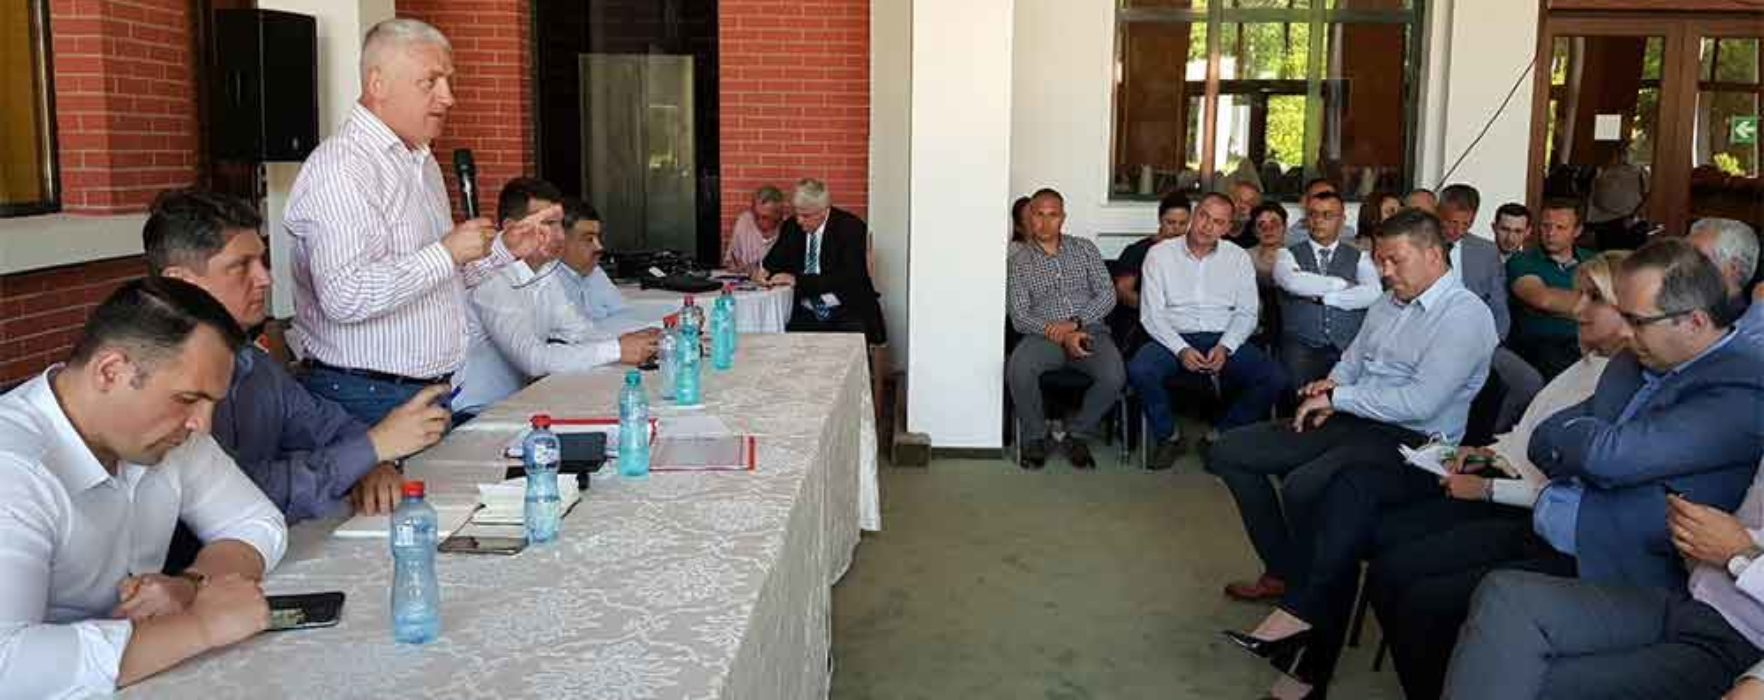 Gabriel Grozavu, PNL Dâmboviţa: Primarii PNL care au fost la şedinţa PSD sunt victime ale unor jocuri de imagine ale PSD